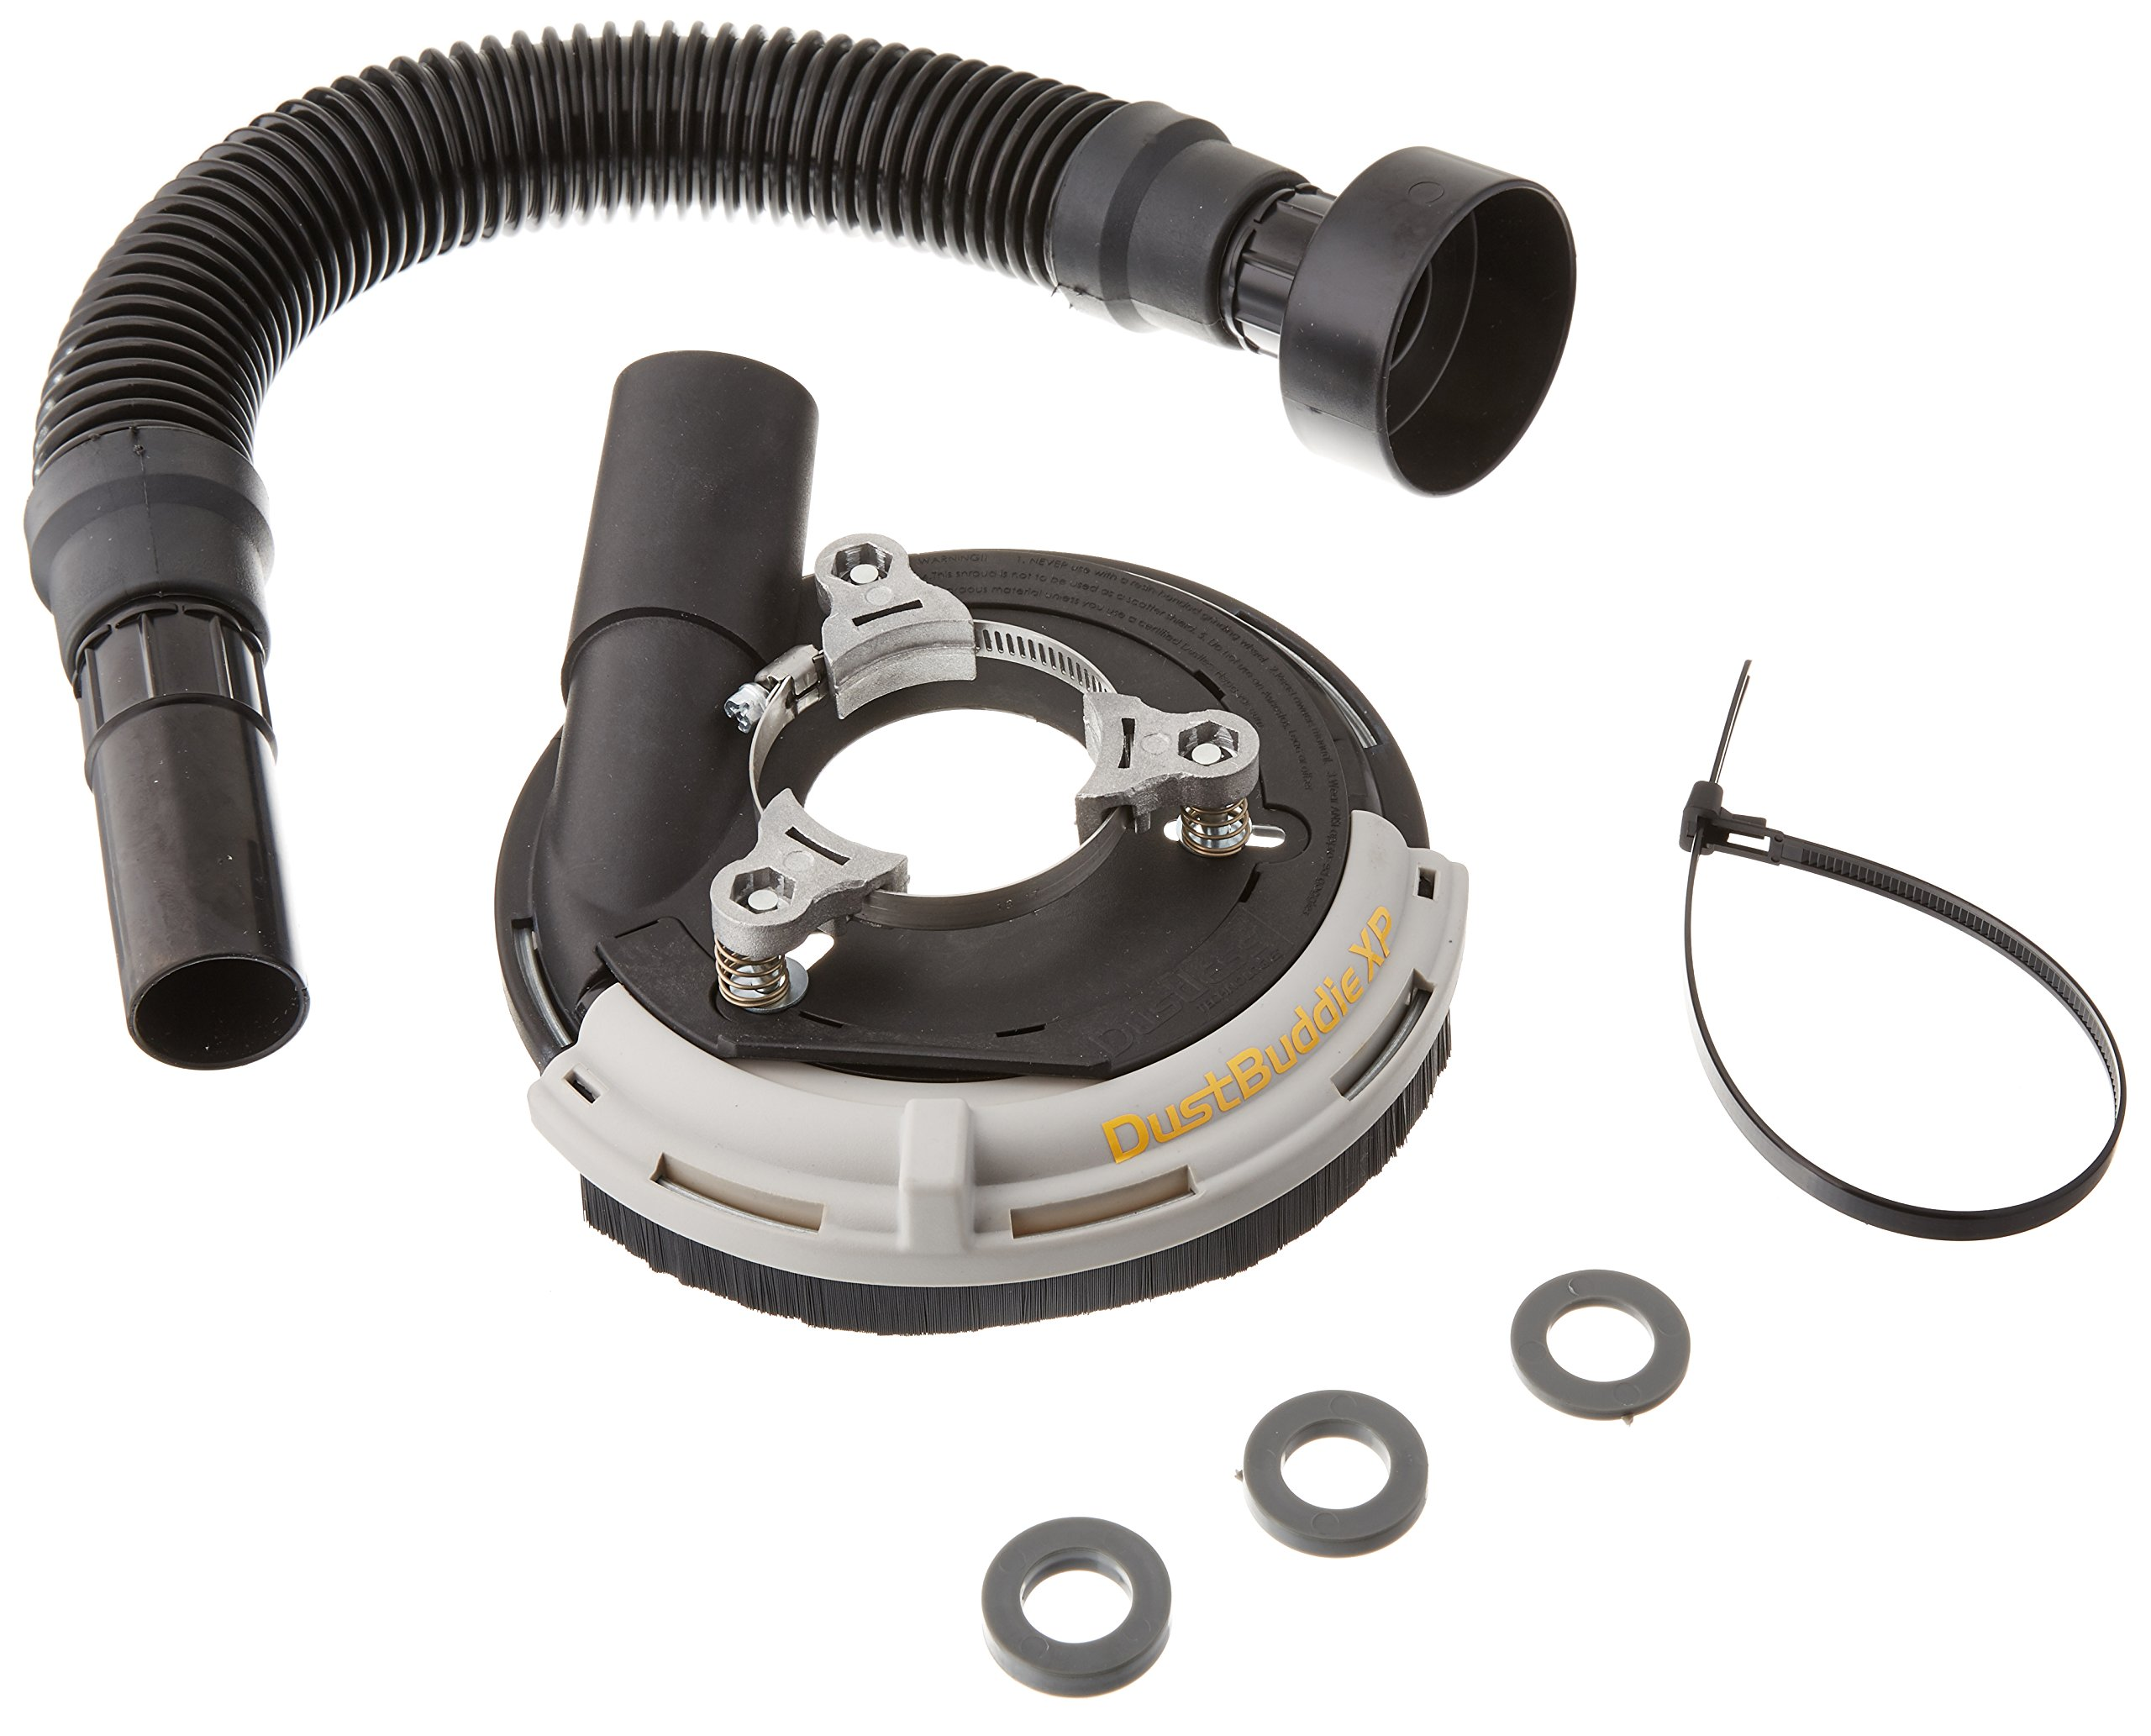 Dustless Technologies D5835 DustBuddie XP Universal Dust Control Attachment for Grinders, 5'', Black/Grey by Dustless Technologies